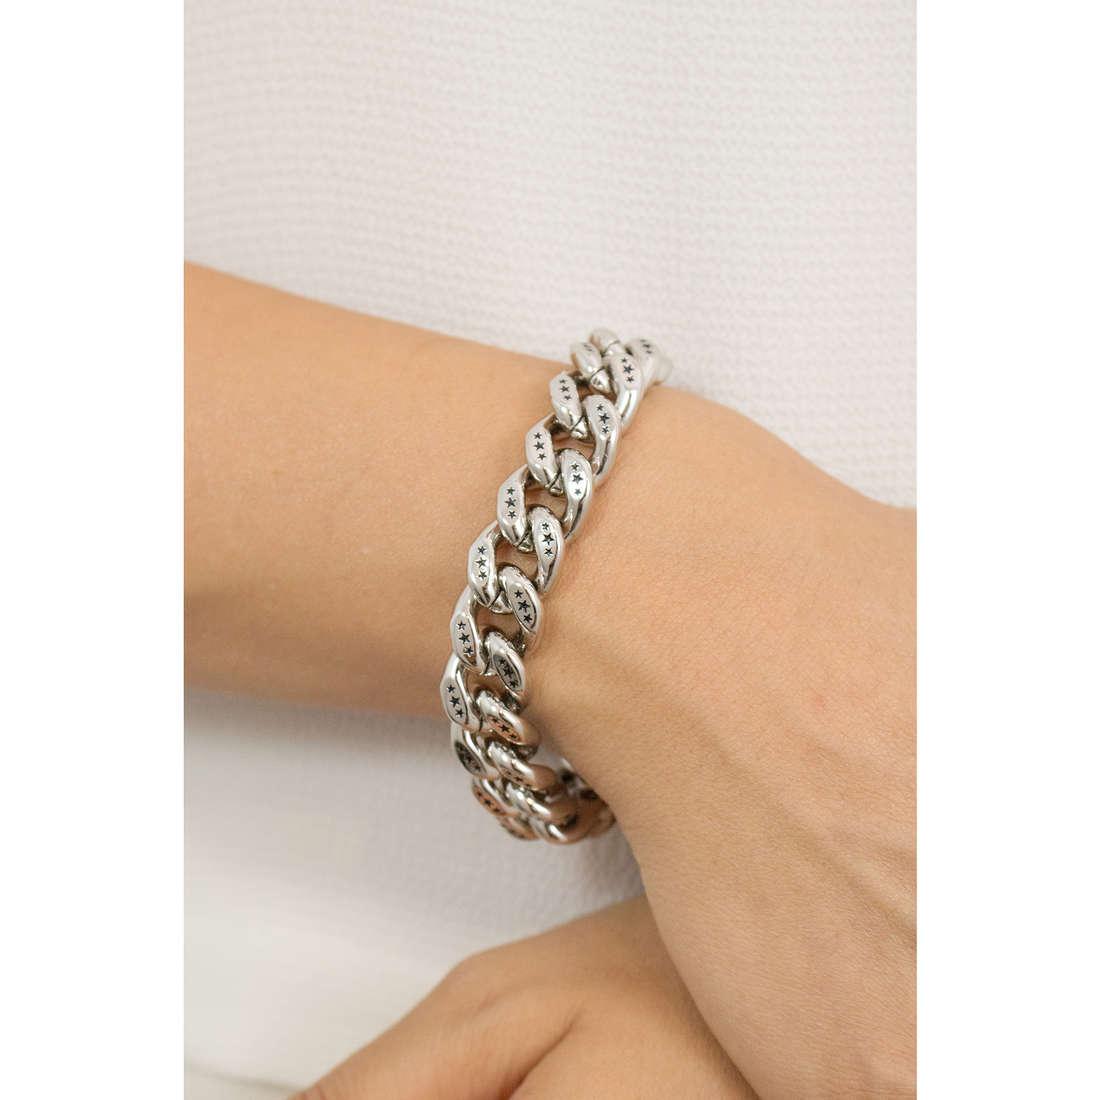 Nomination bracciali Starlight donna 131503/007 indosso